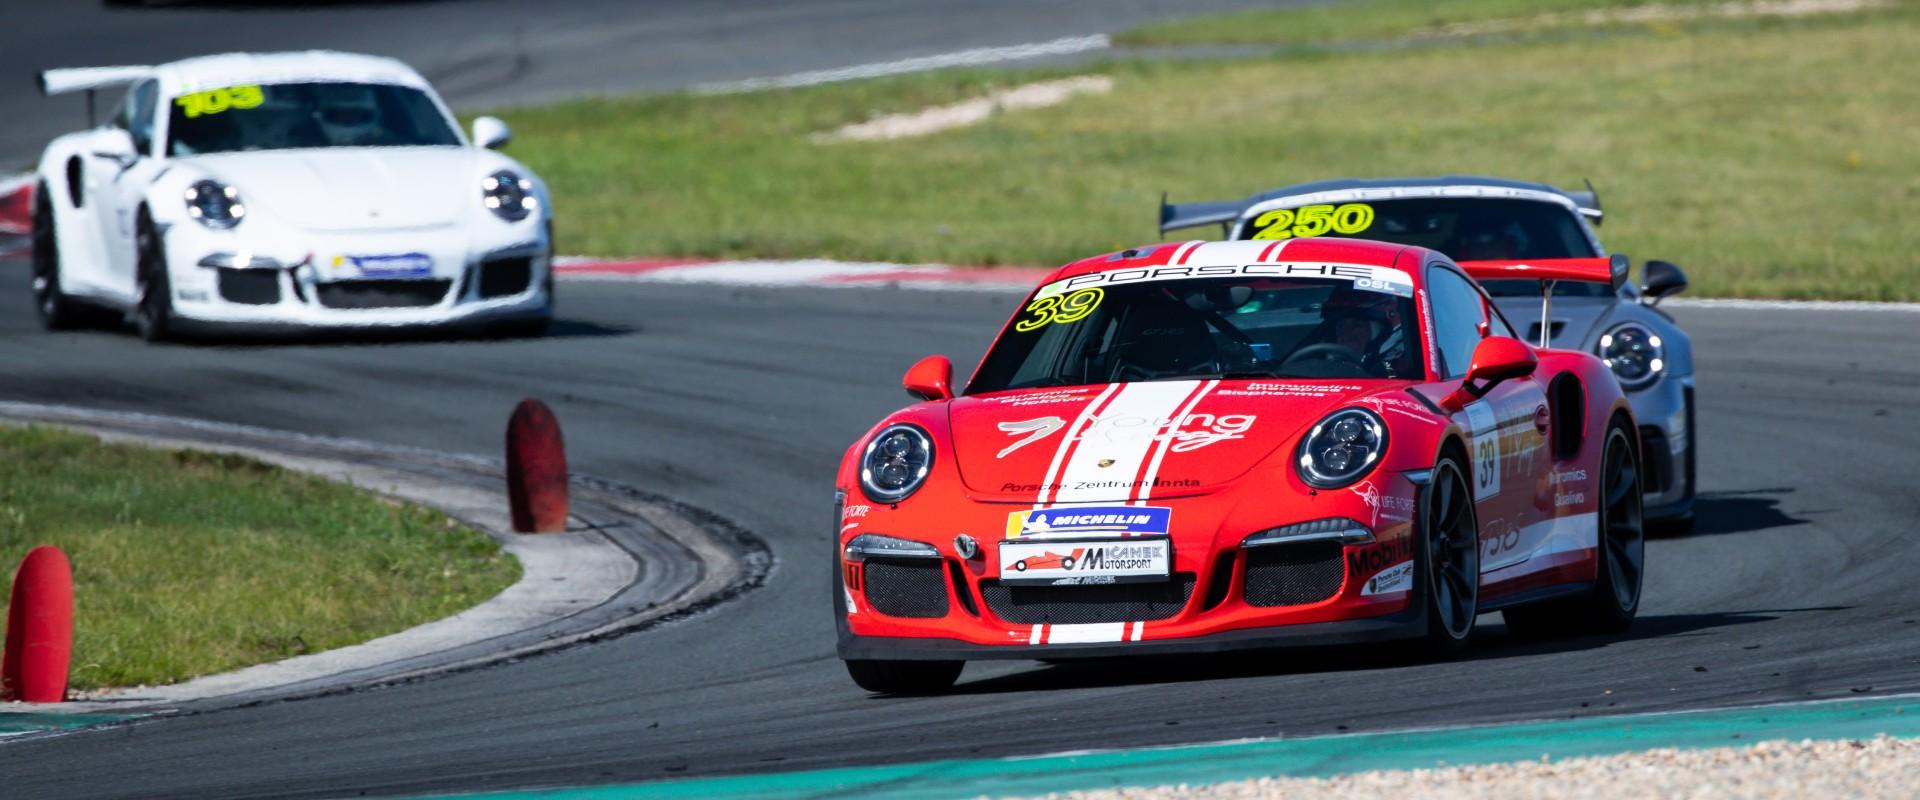 Šmarda si v Oscherslebenu dvěma podii pomohl k celkovému třetímu místu v Porsche Sports Cup Deutschland